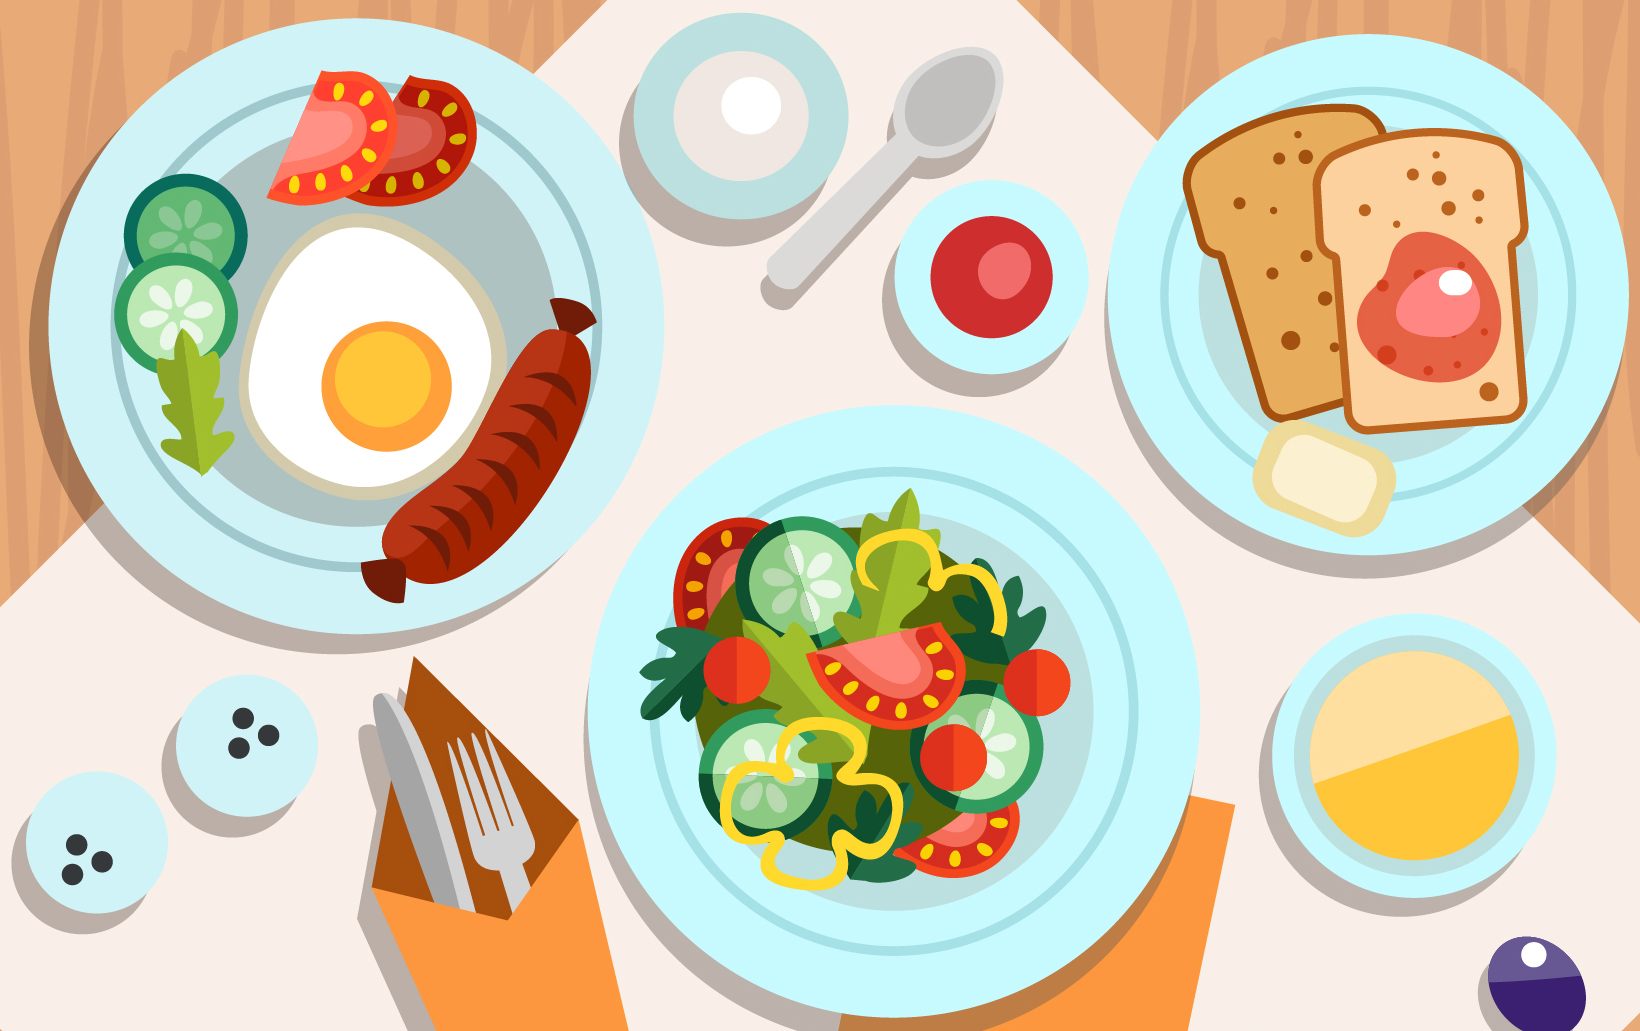 WikiBrandt: 10 mitos alimentarios